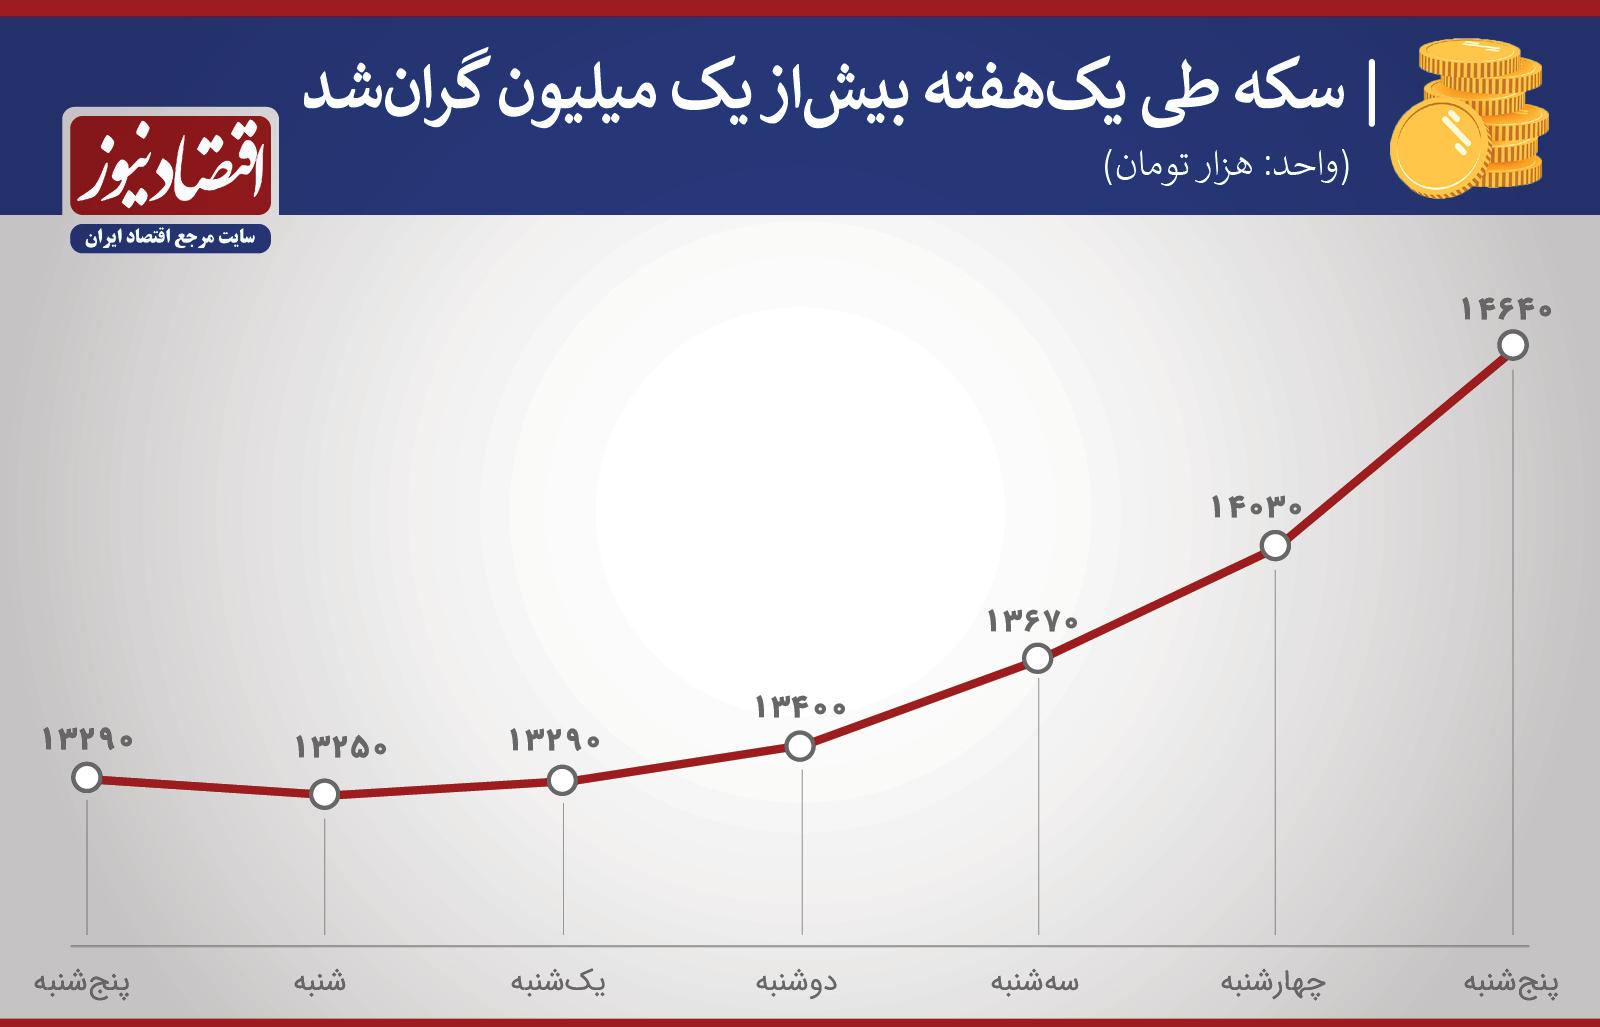 قیمت سکه در هفته سوم مهر